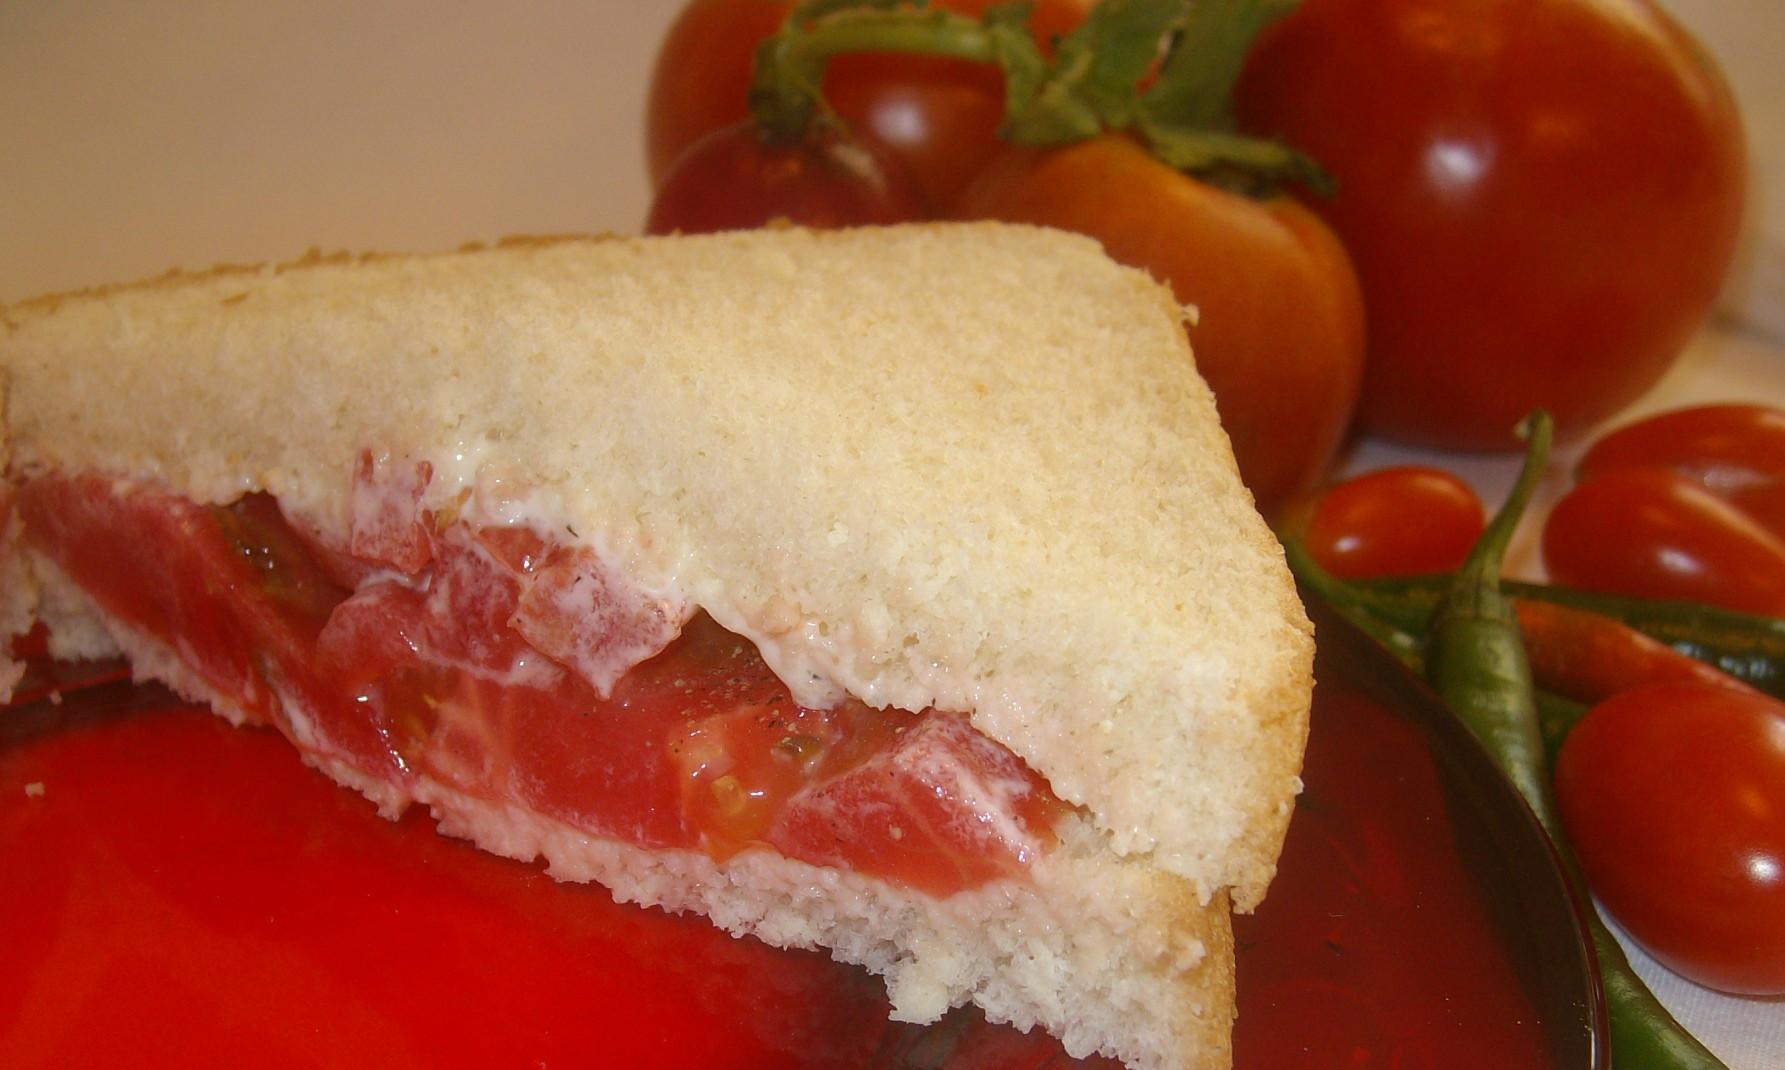 2- Handed Kitchen Sink Tomato Sandwich